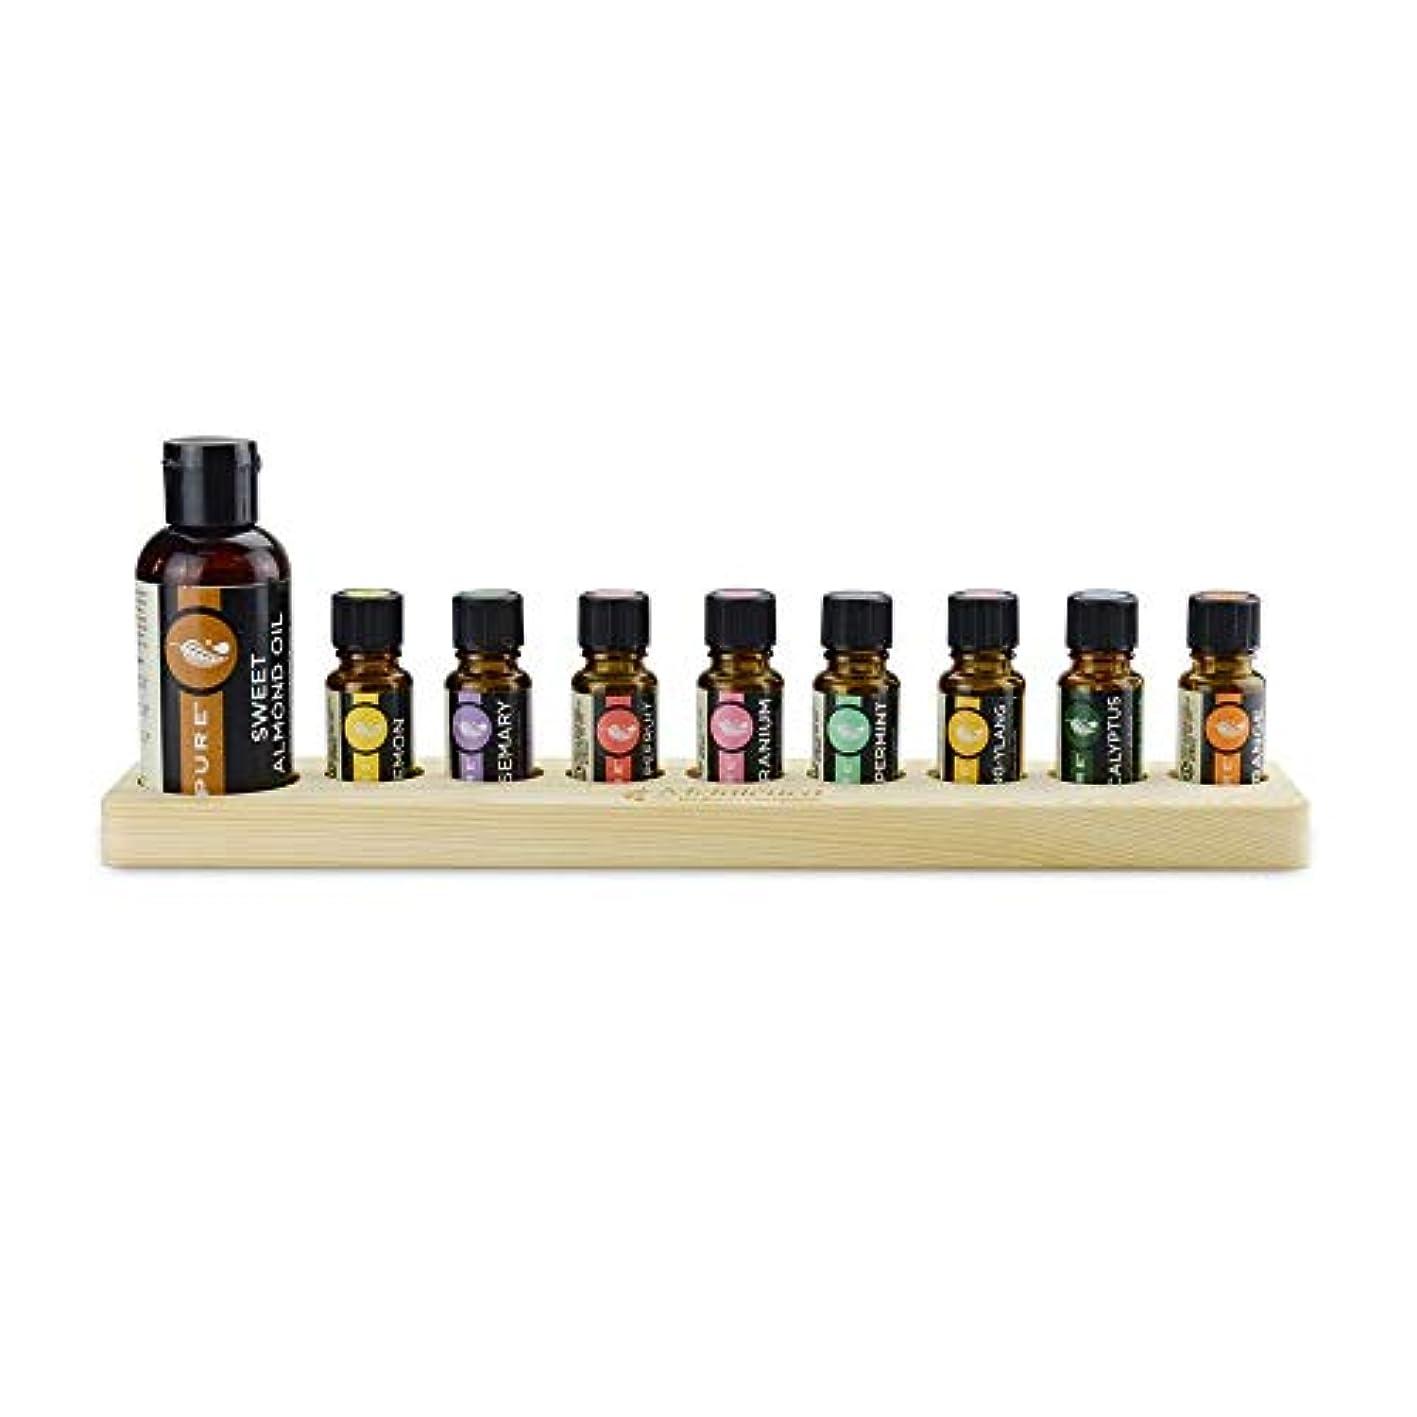 昆虫減らすフィドル9スロット木製エッセンシャルオイルストレージホルダーは、9つの15ミリリットル油のボトルを保持します アロマセラピー製品 (色 : Natural, サイズ : Free size)